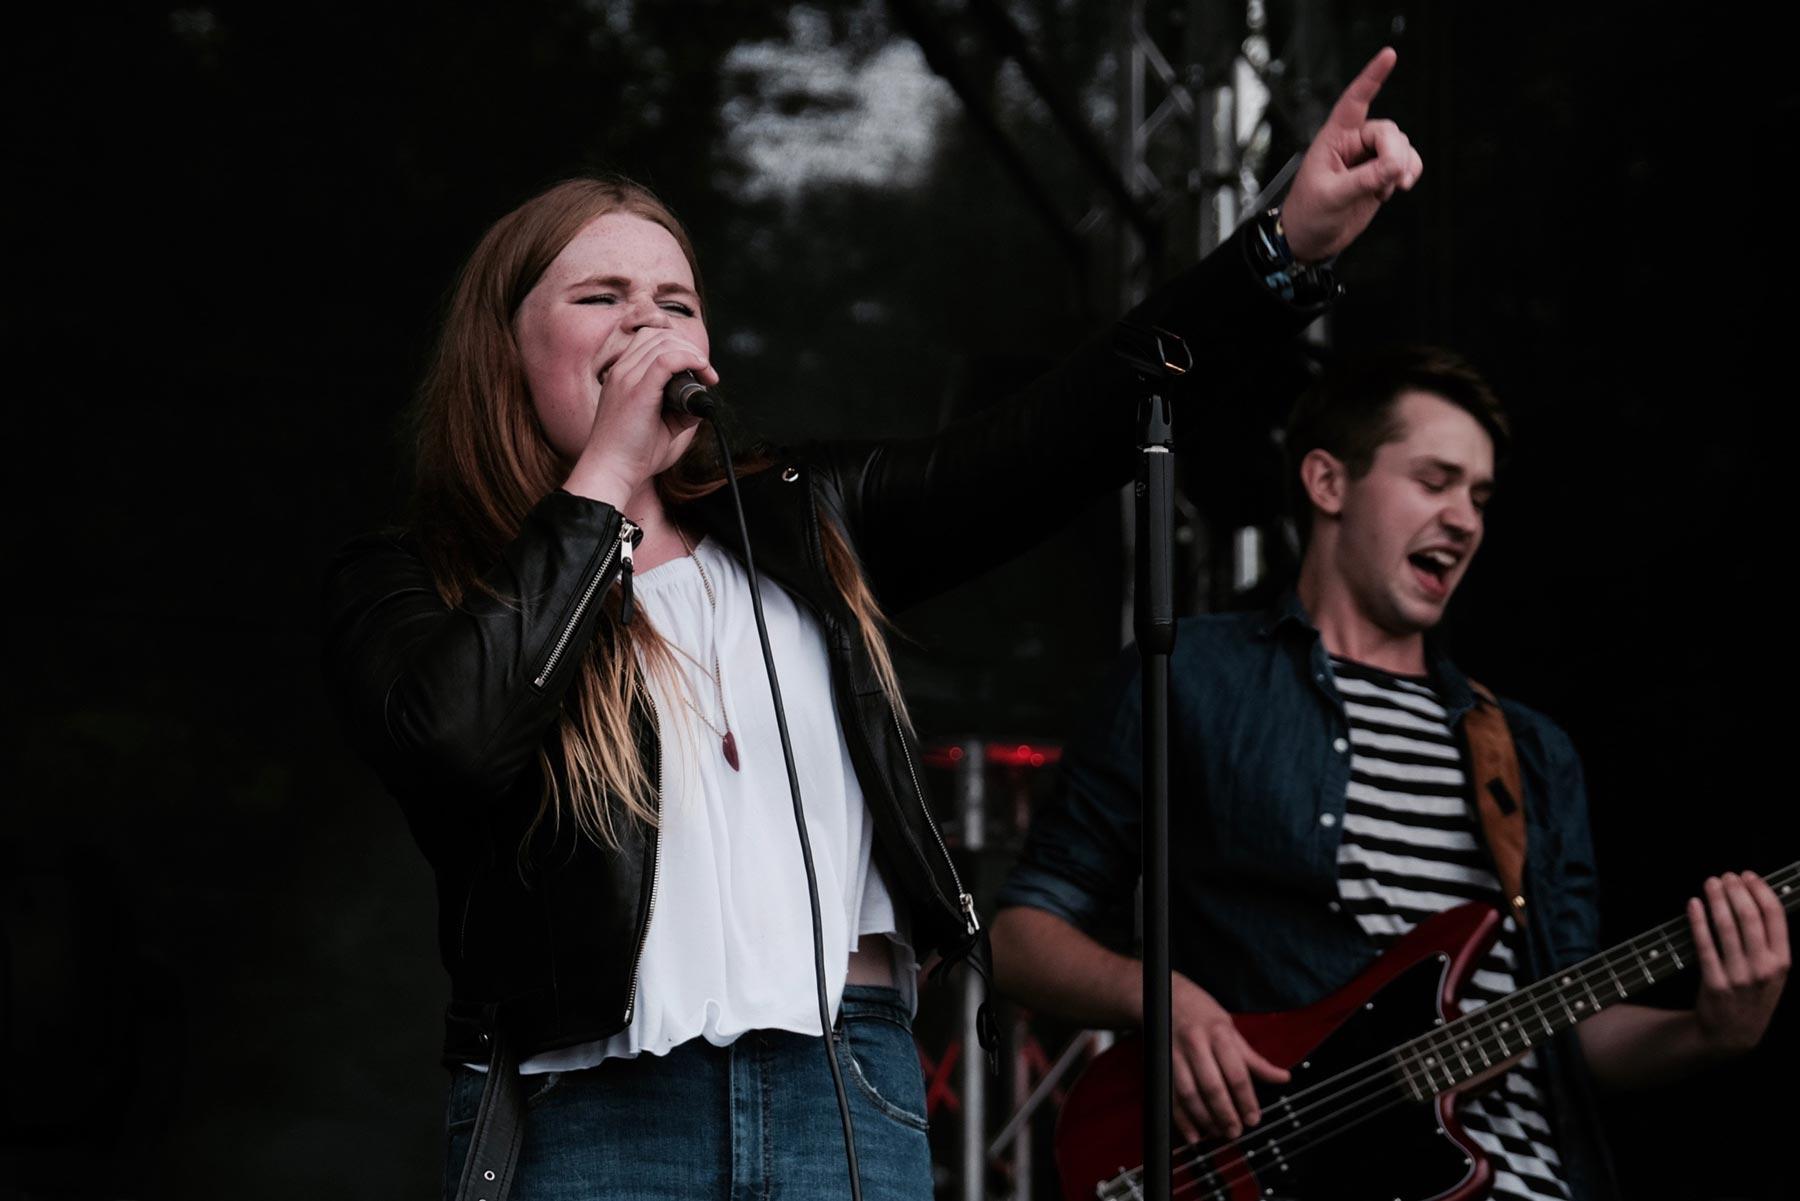 Annie's Style - Indie - Pop - Rock